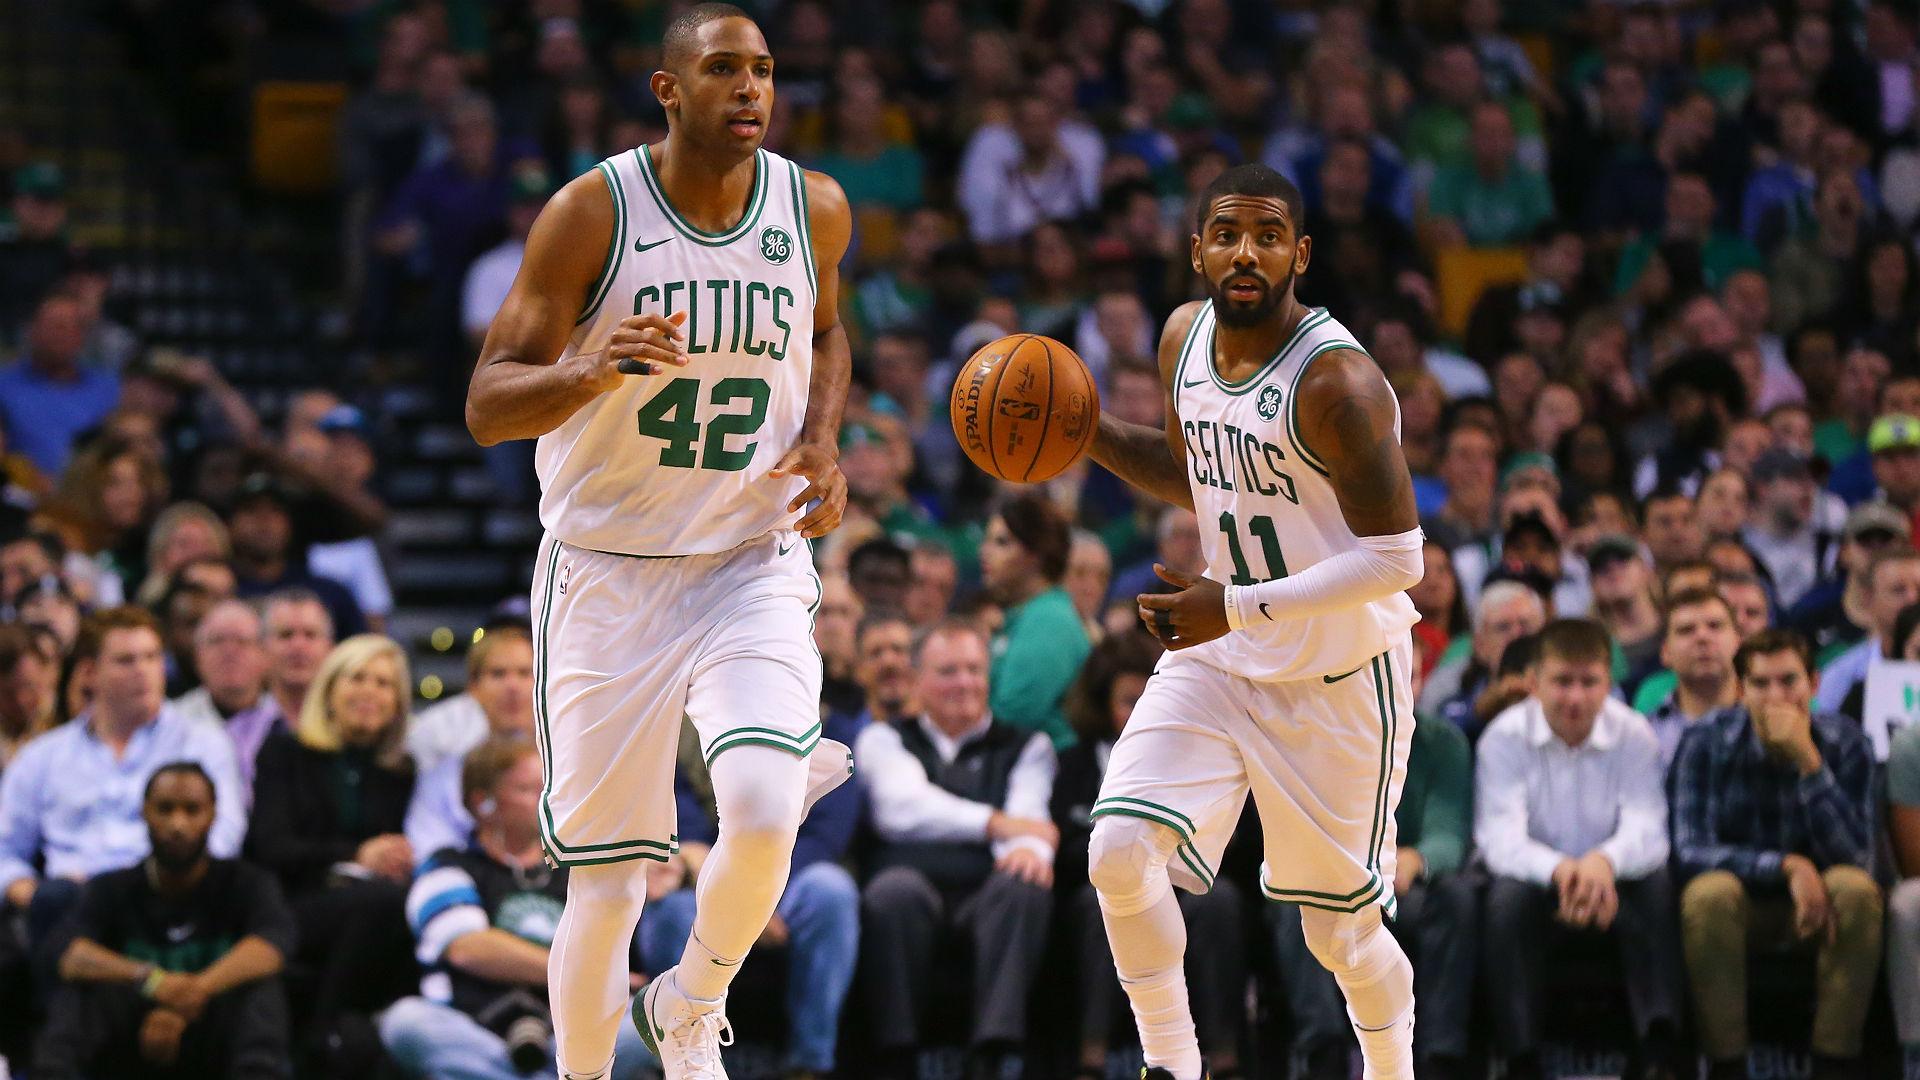 Celtics' Stevens addresses losing Irving, Horford in free agency